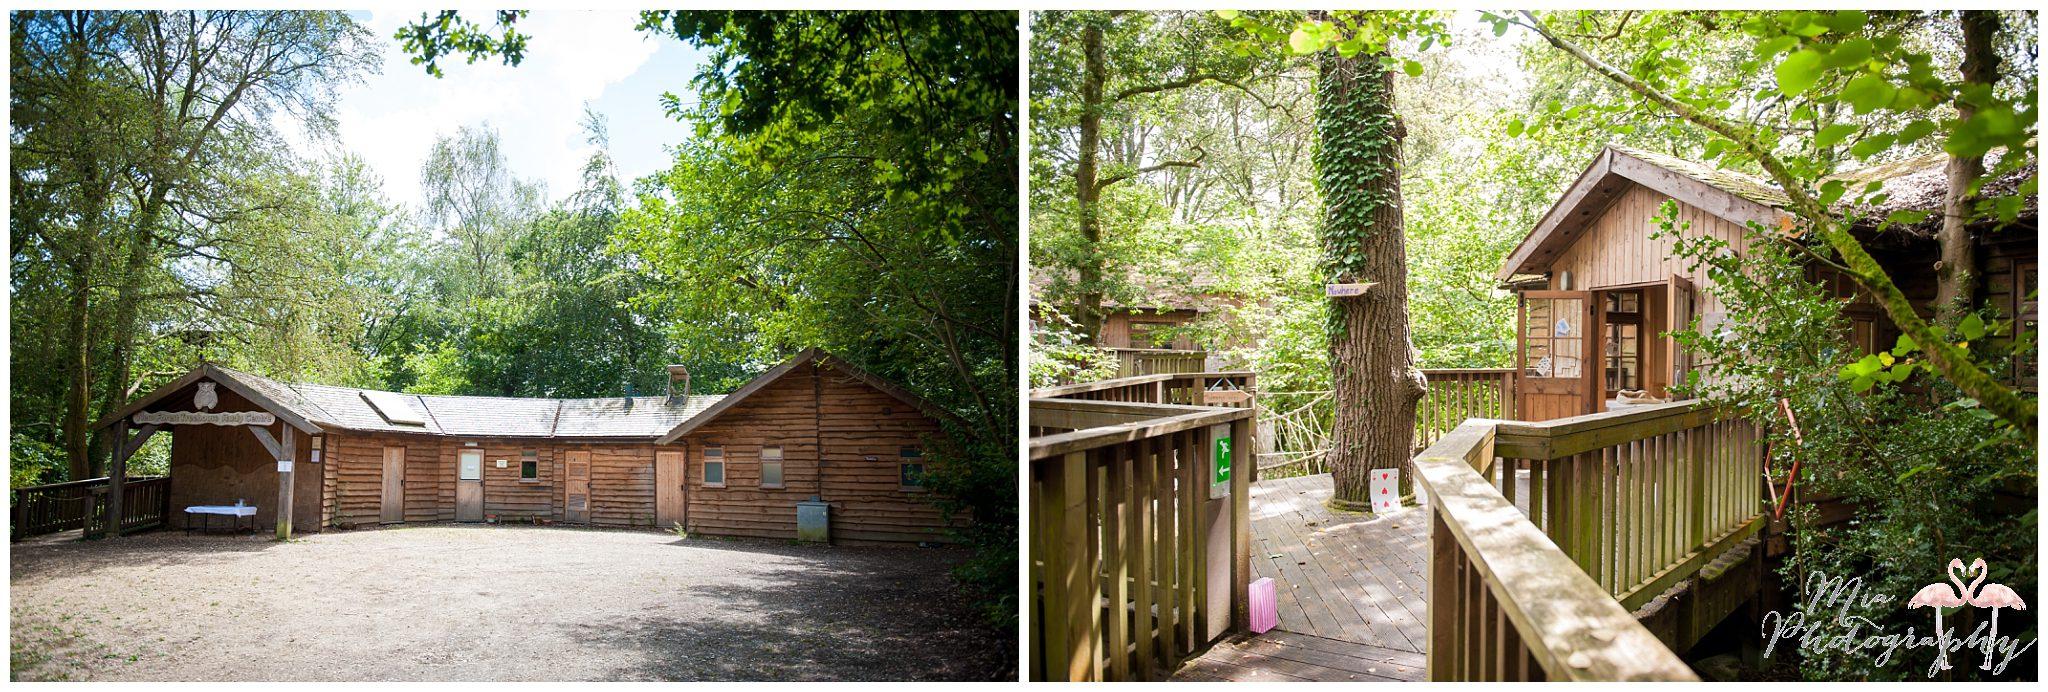 Beaulieu treehouses